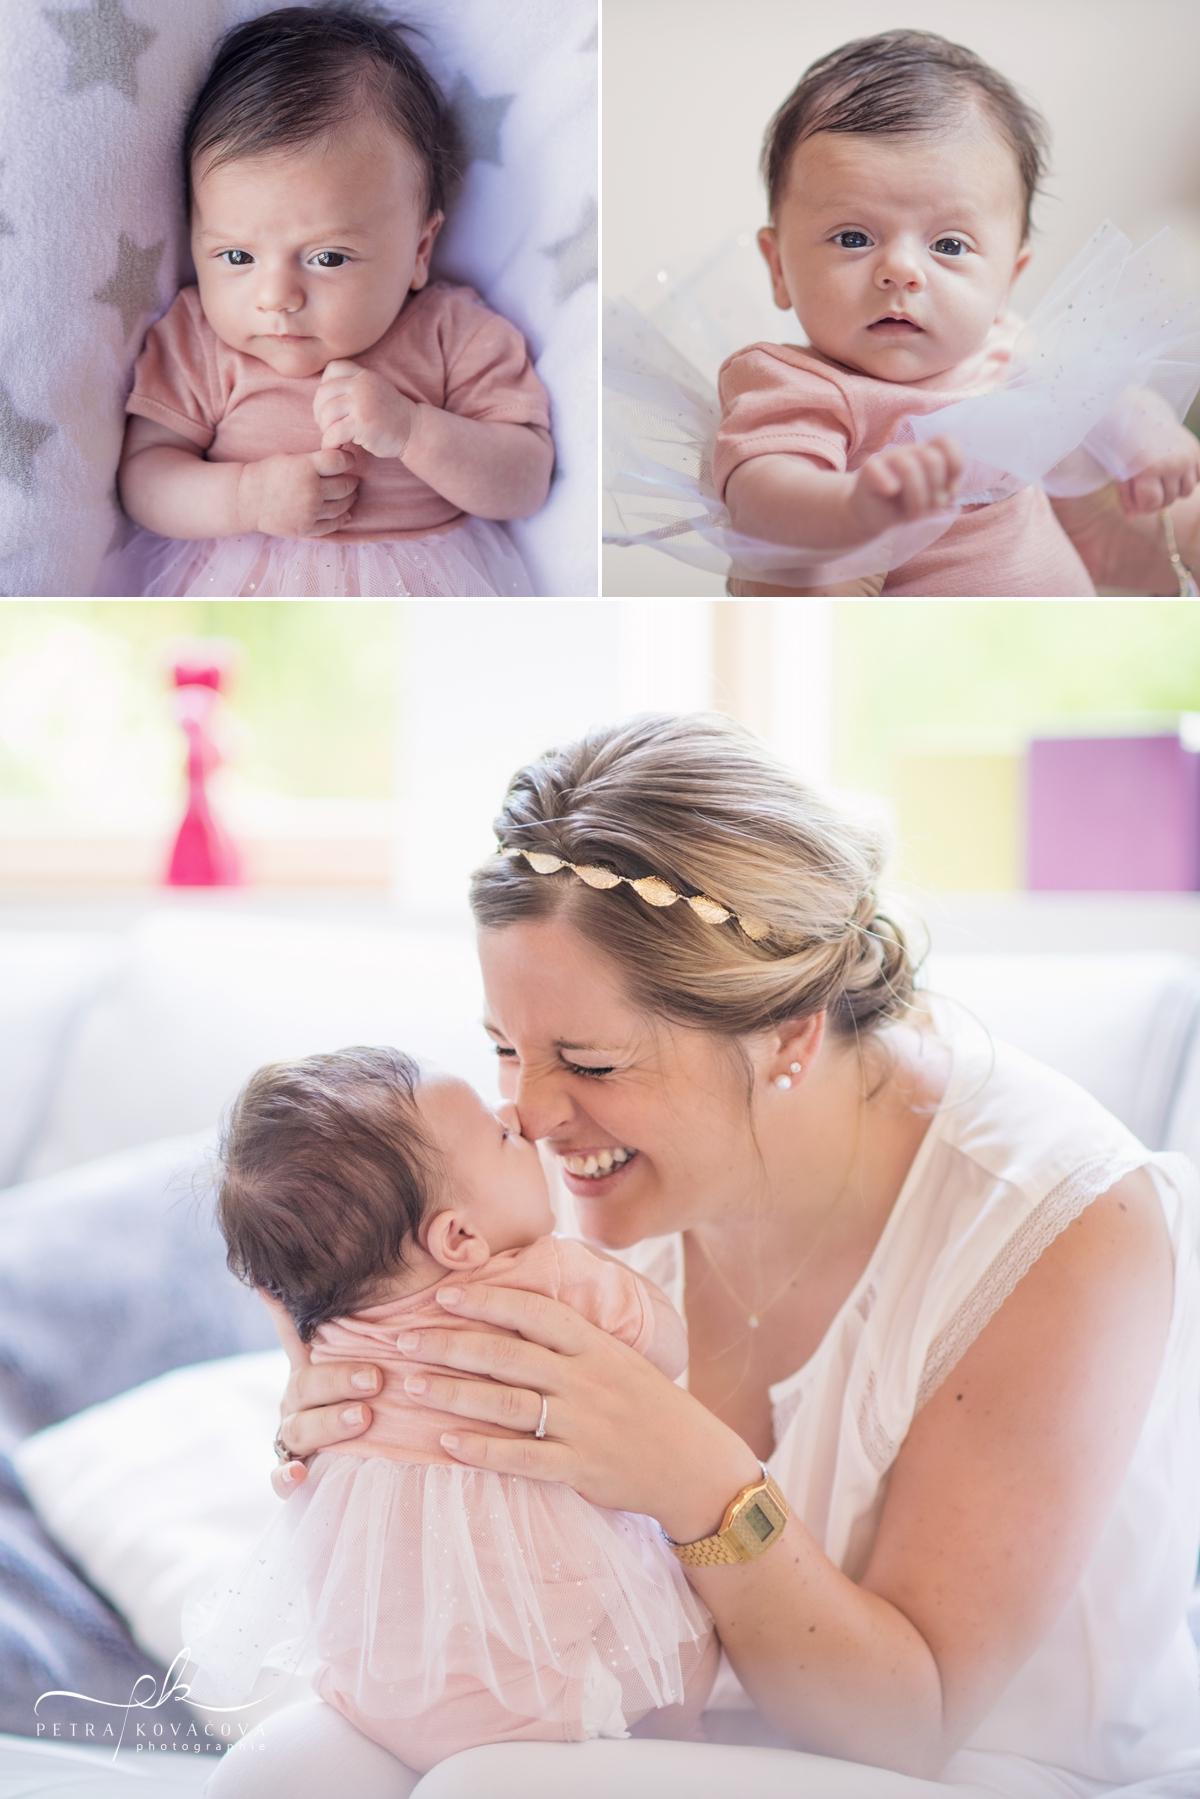 séance-photo-lifestyle-à-domicile-naissance-rennes